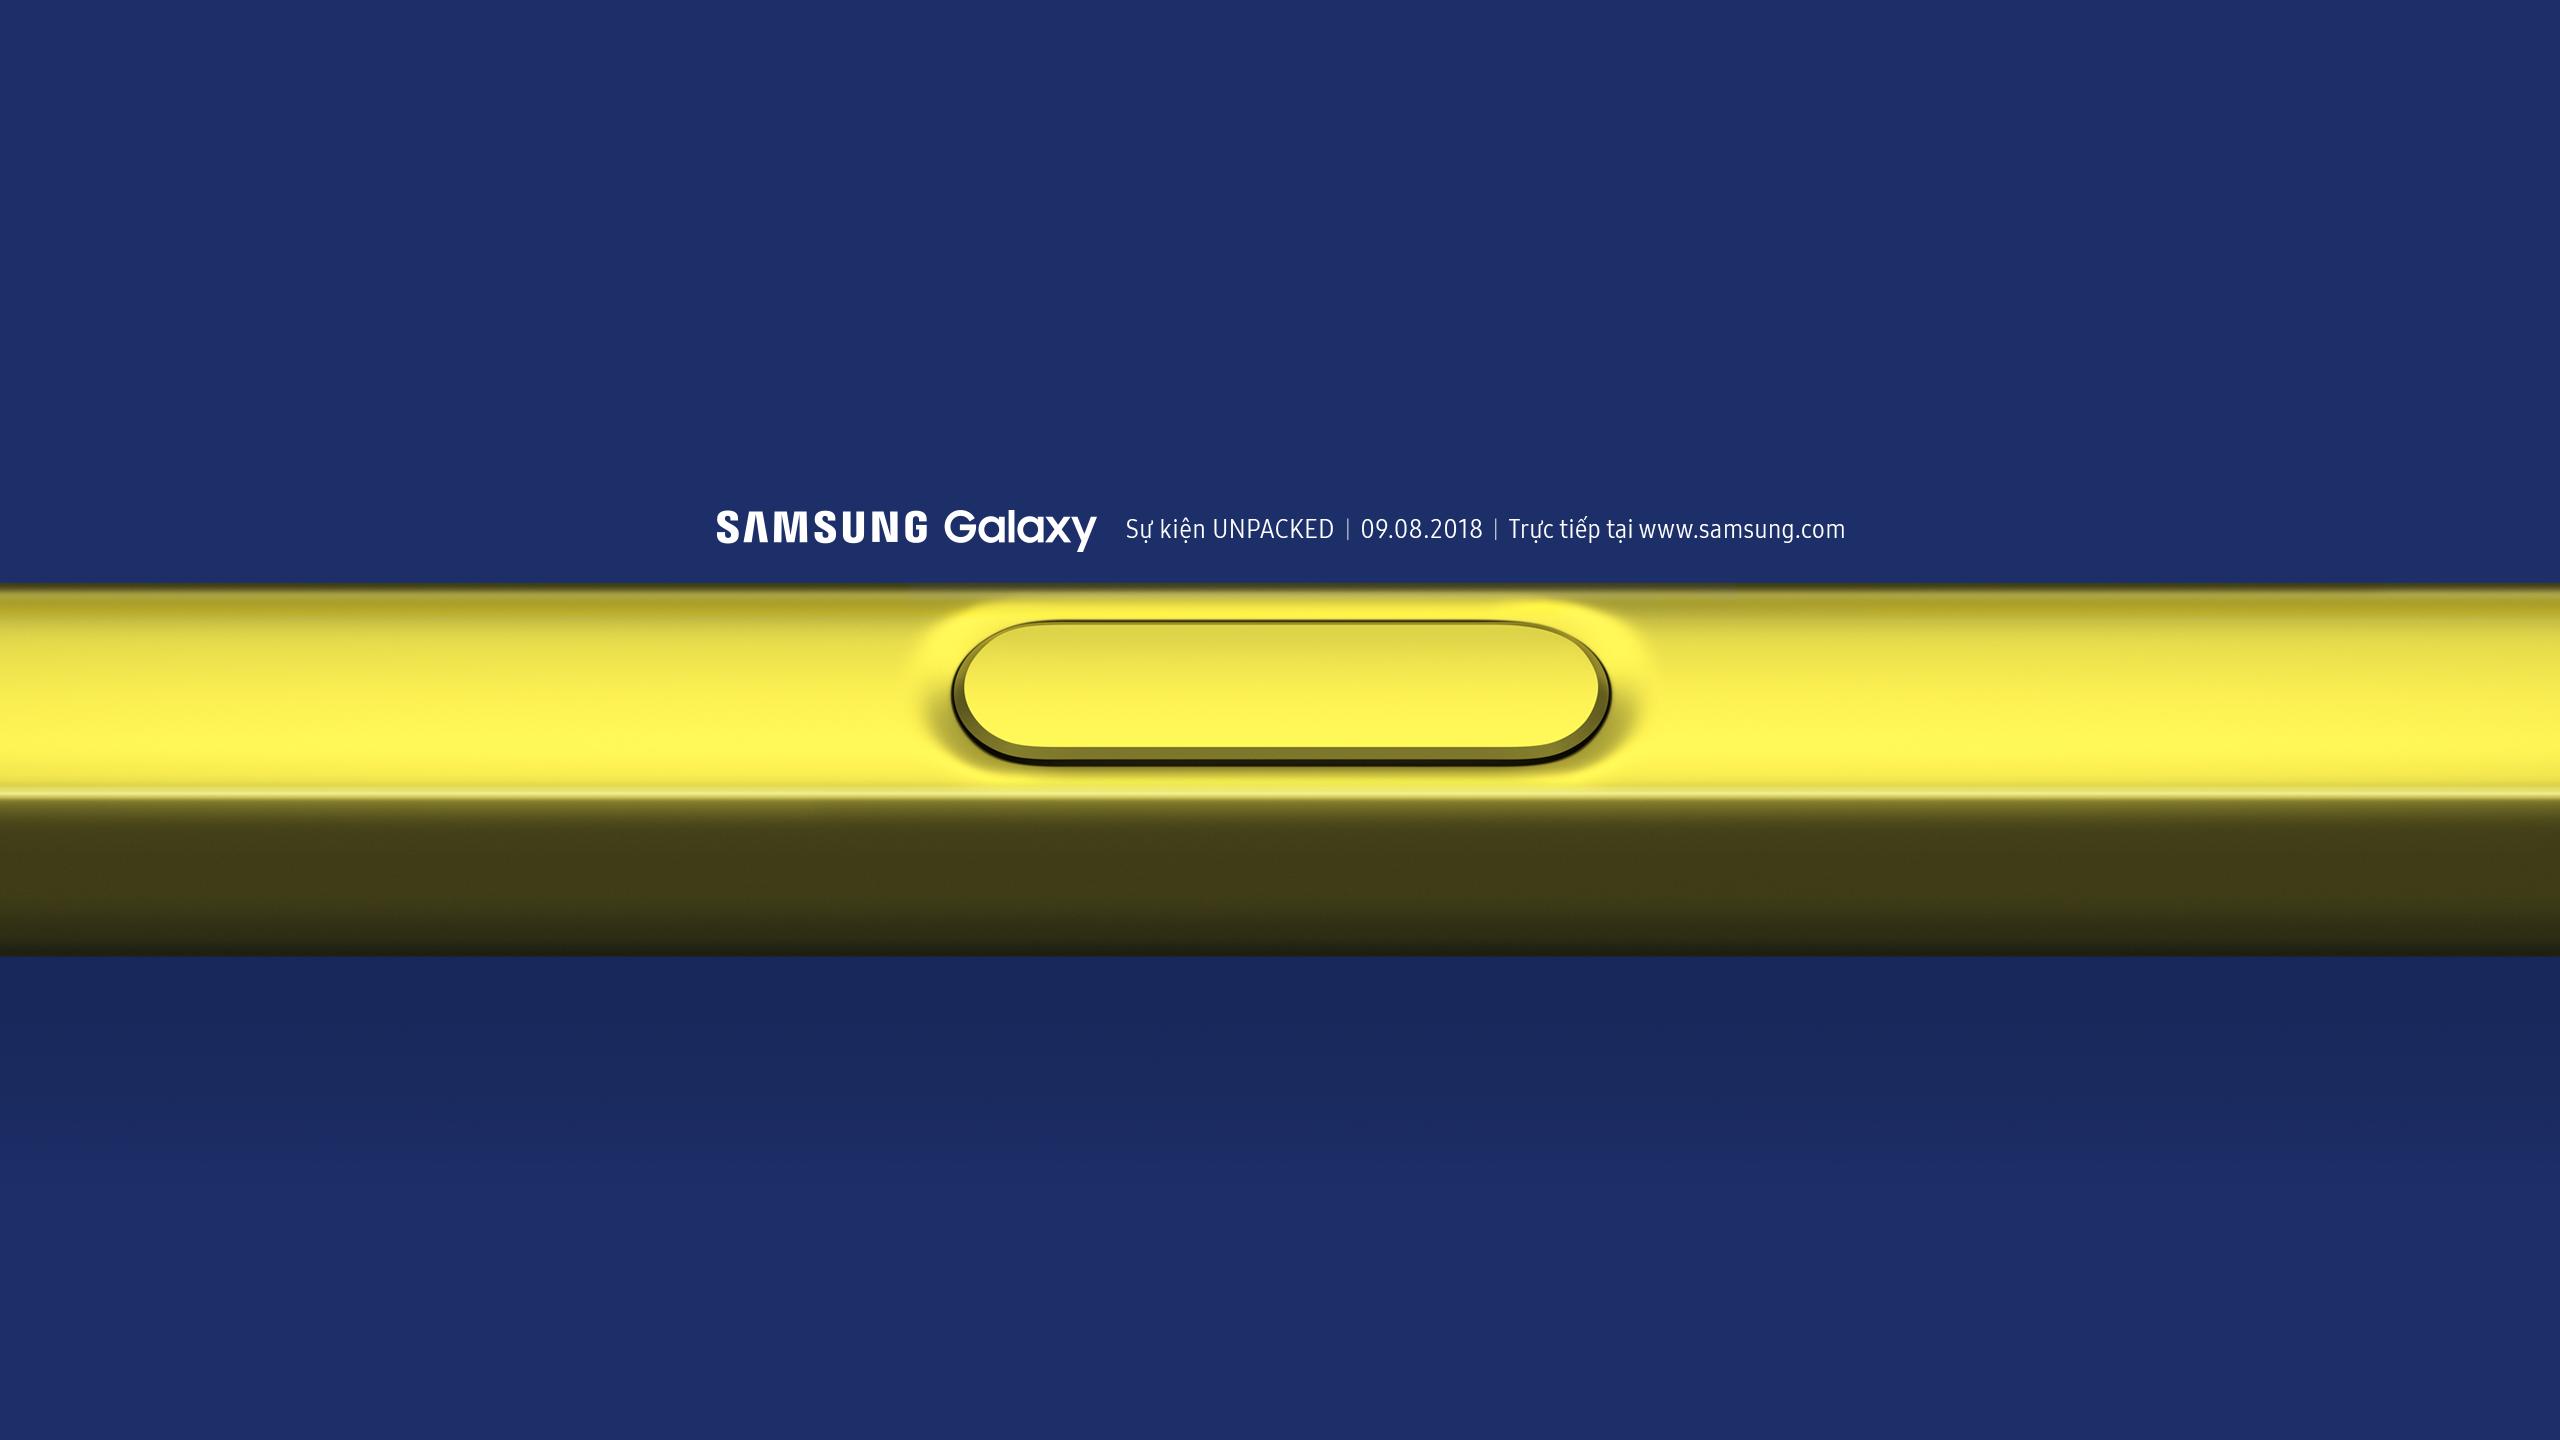 Samsung xác nhận thời điểm ra mắt chiếc Galaxy Note tiếp theo trong sự kiện Unpacked hình 1